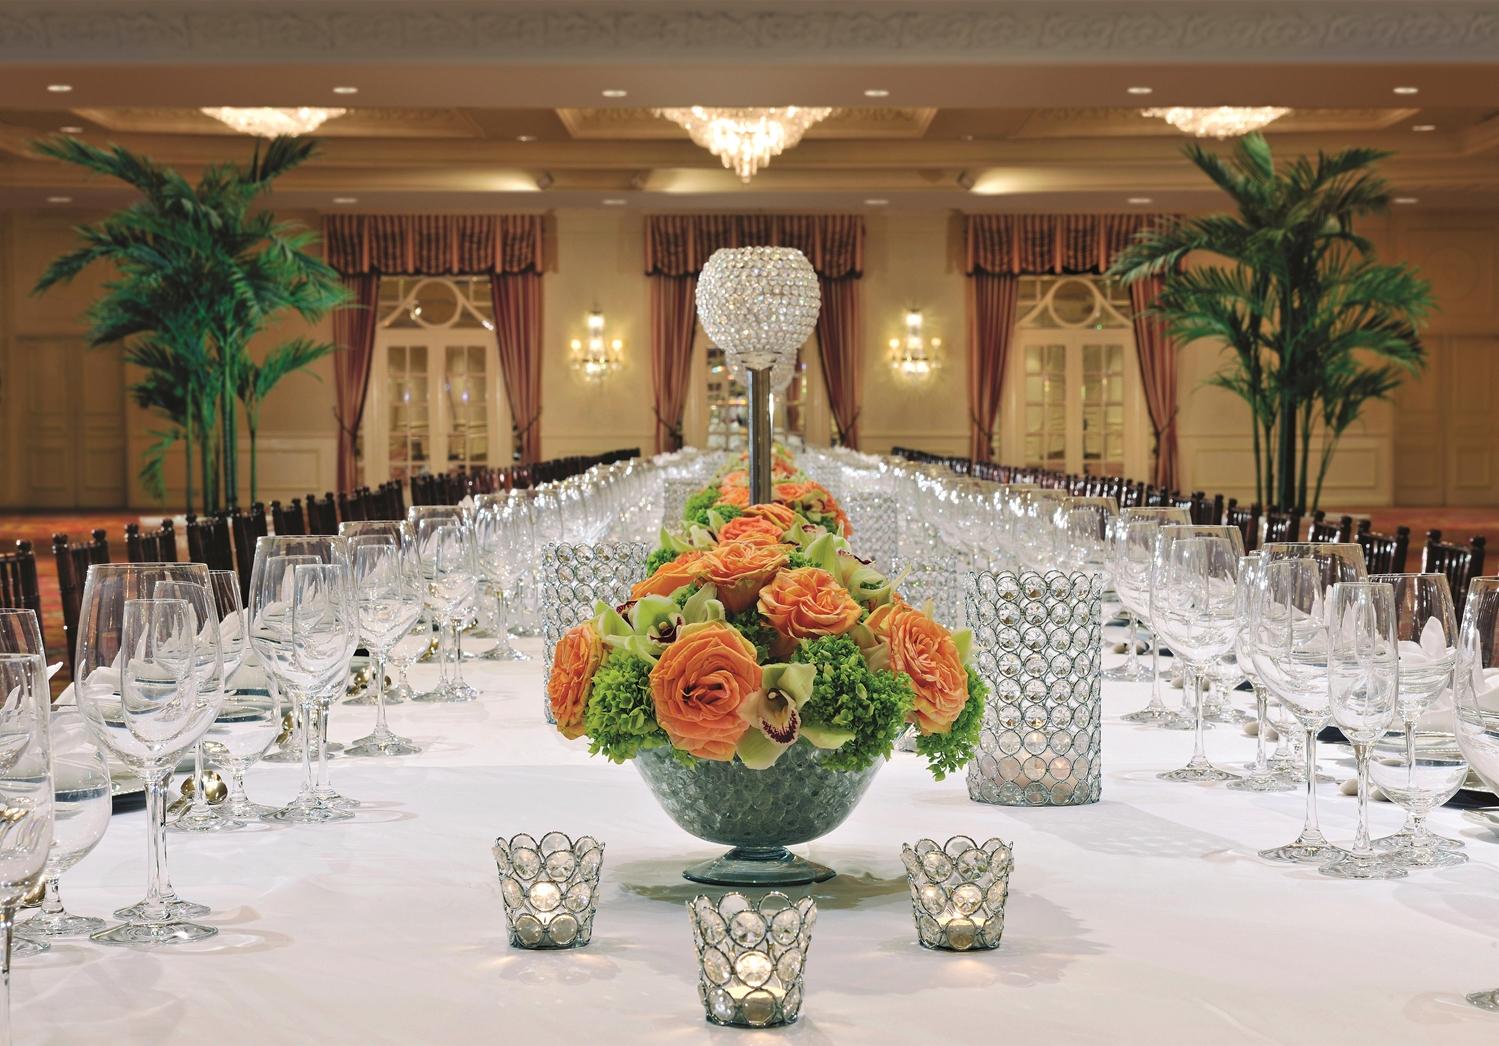 Poinciana Banquet